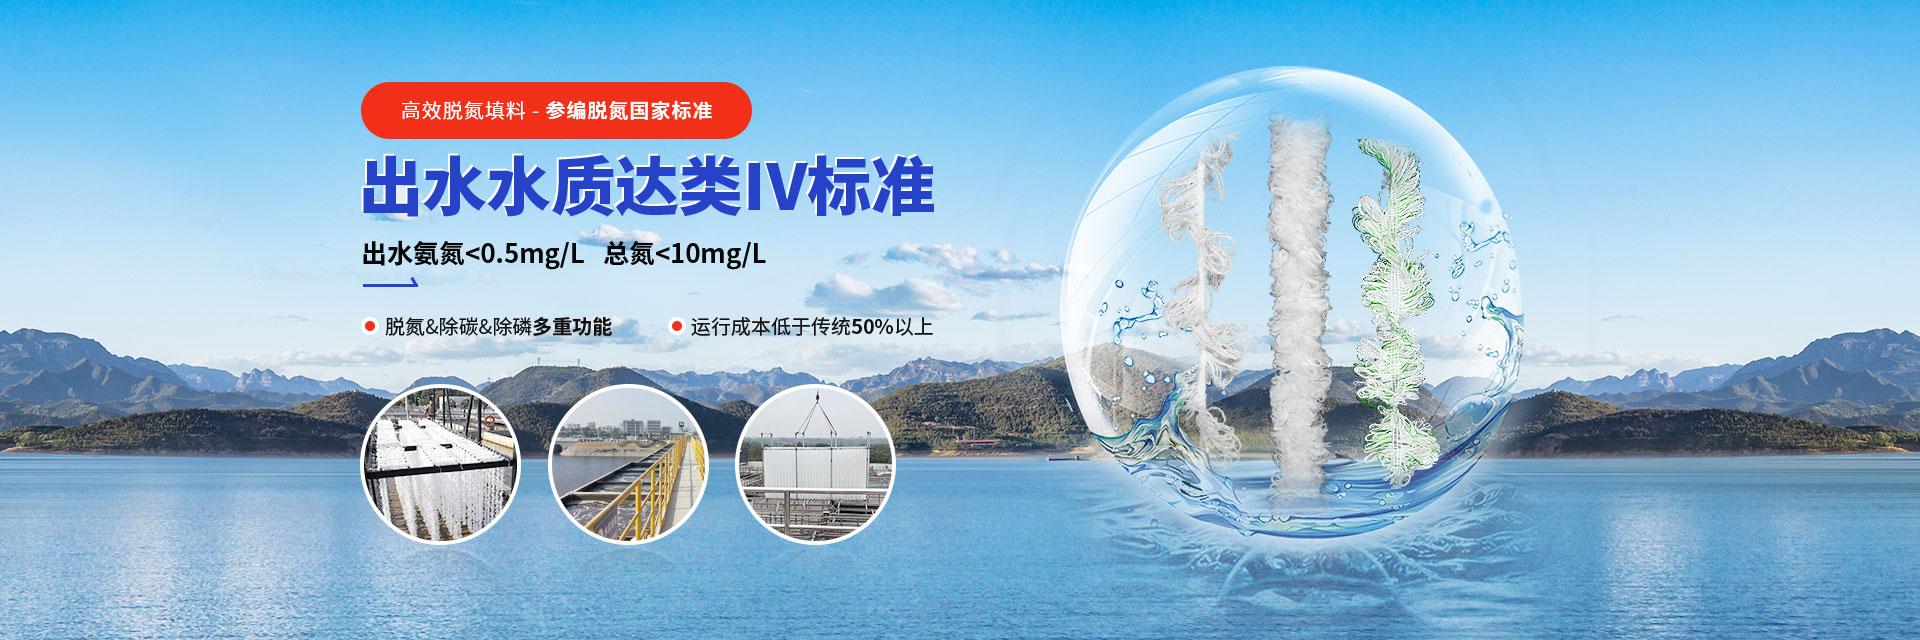 苏净新材料-高效脱氮填料-参编脱氮国家标准,出水水质达类IV标准,出水氨氮<0.5mg/L,总氮<10mg/L